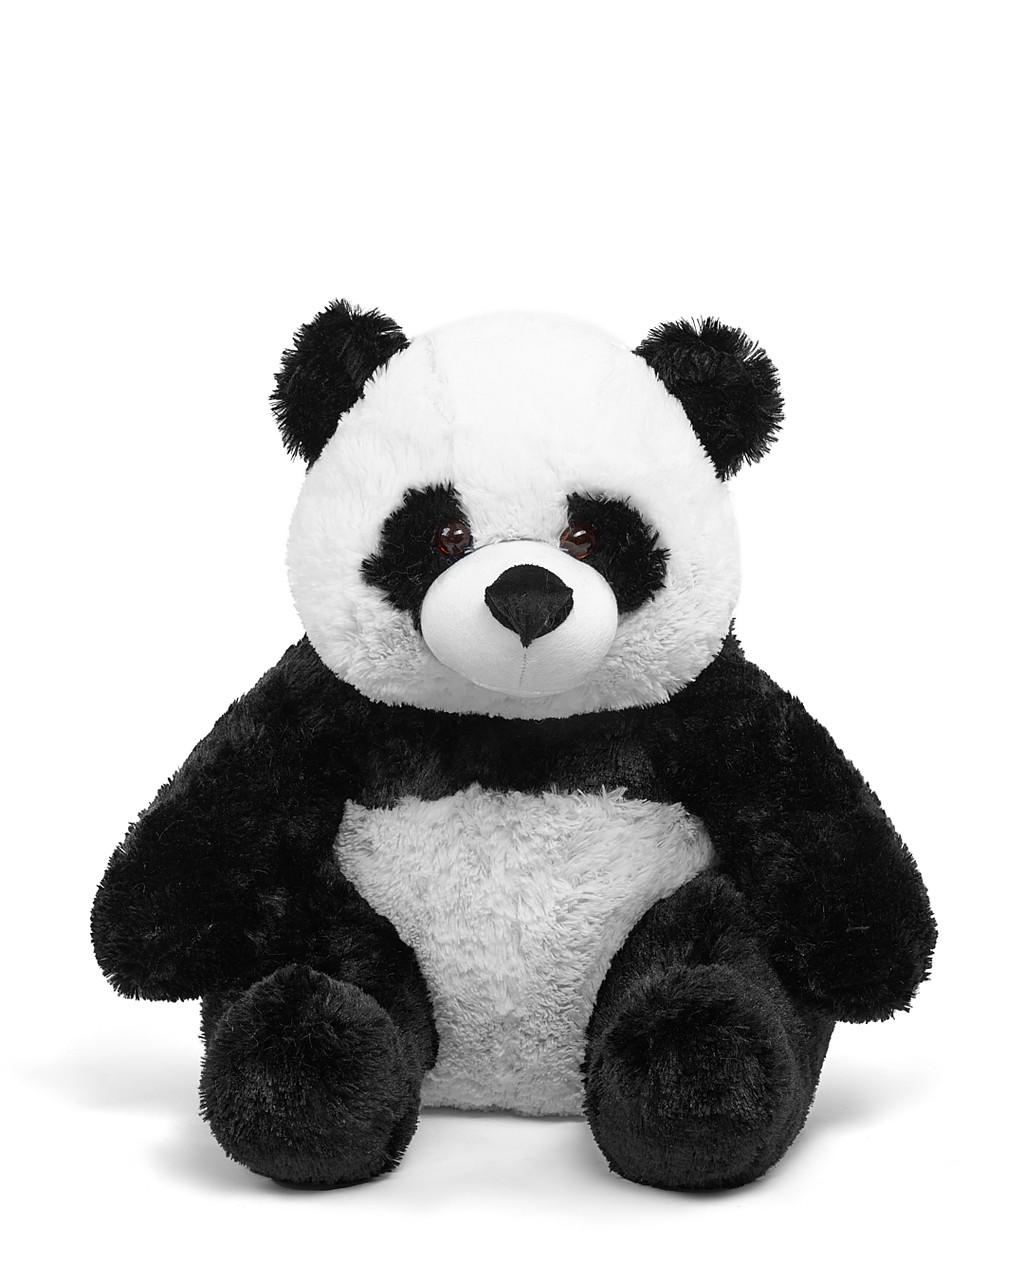 Медведь Панда 90 см | Плюшевые панда | Маленькие и Большие плюшевые панды